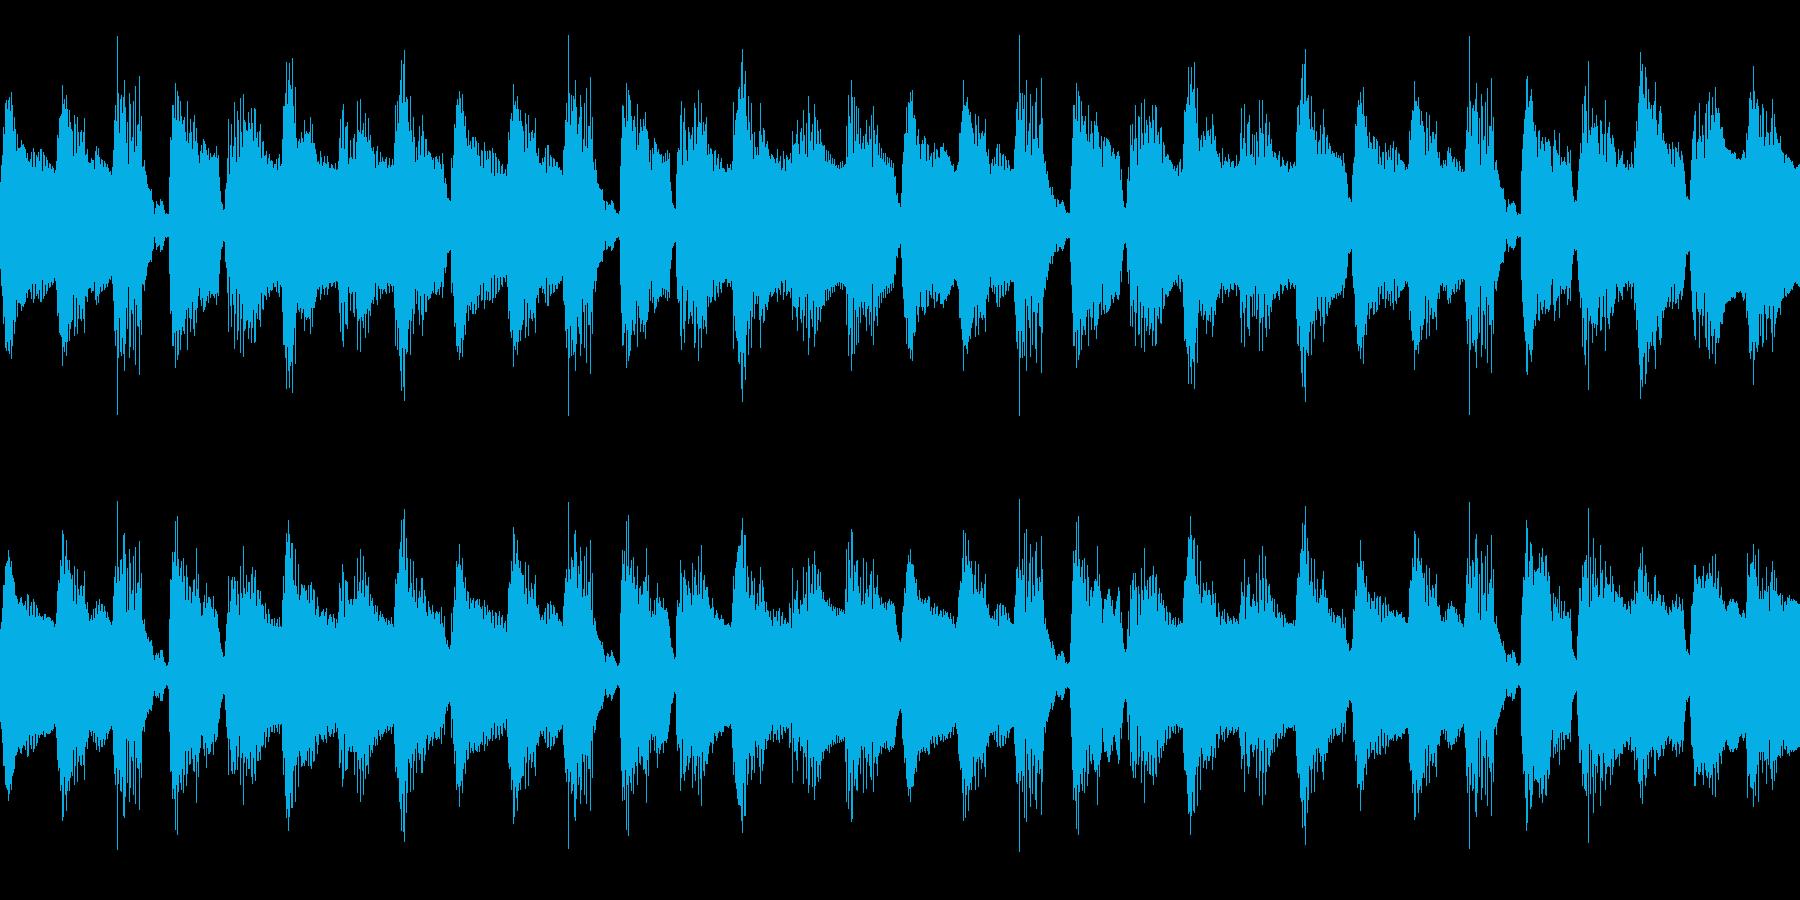 ほのぼのとリラックスした雰囲気のBGMの再生済みの波形